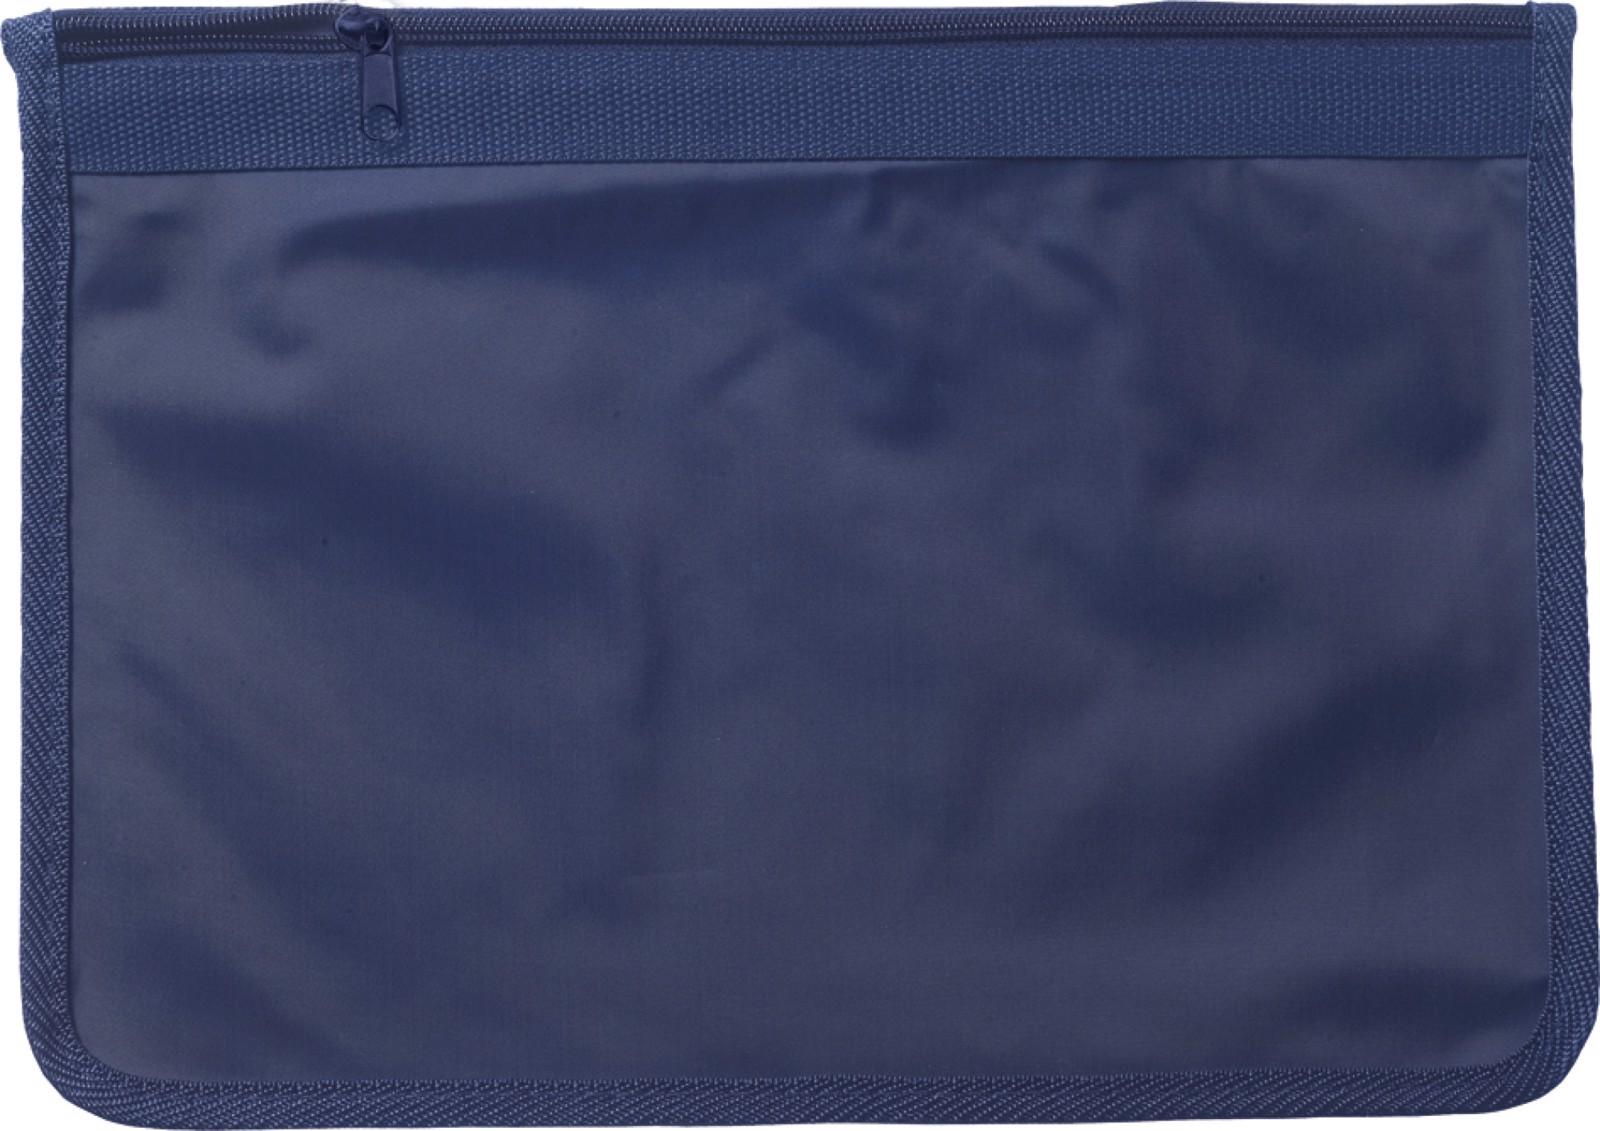 Nylon (70D) document bag - Blue